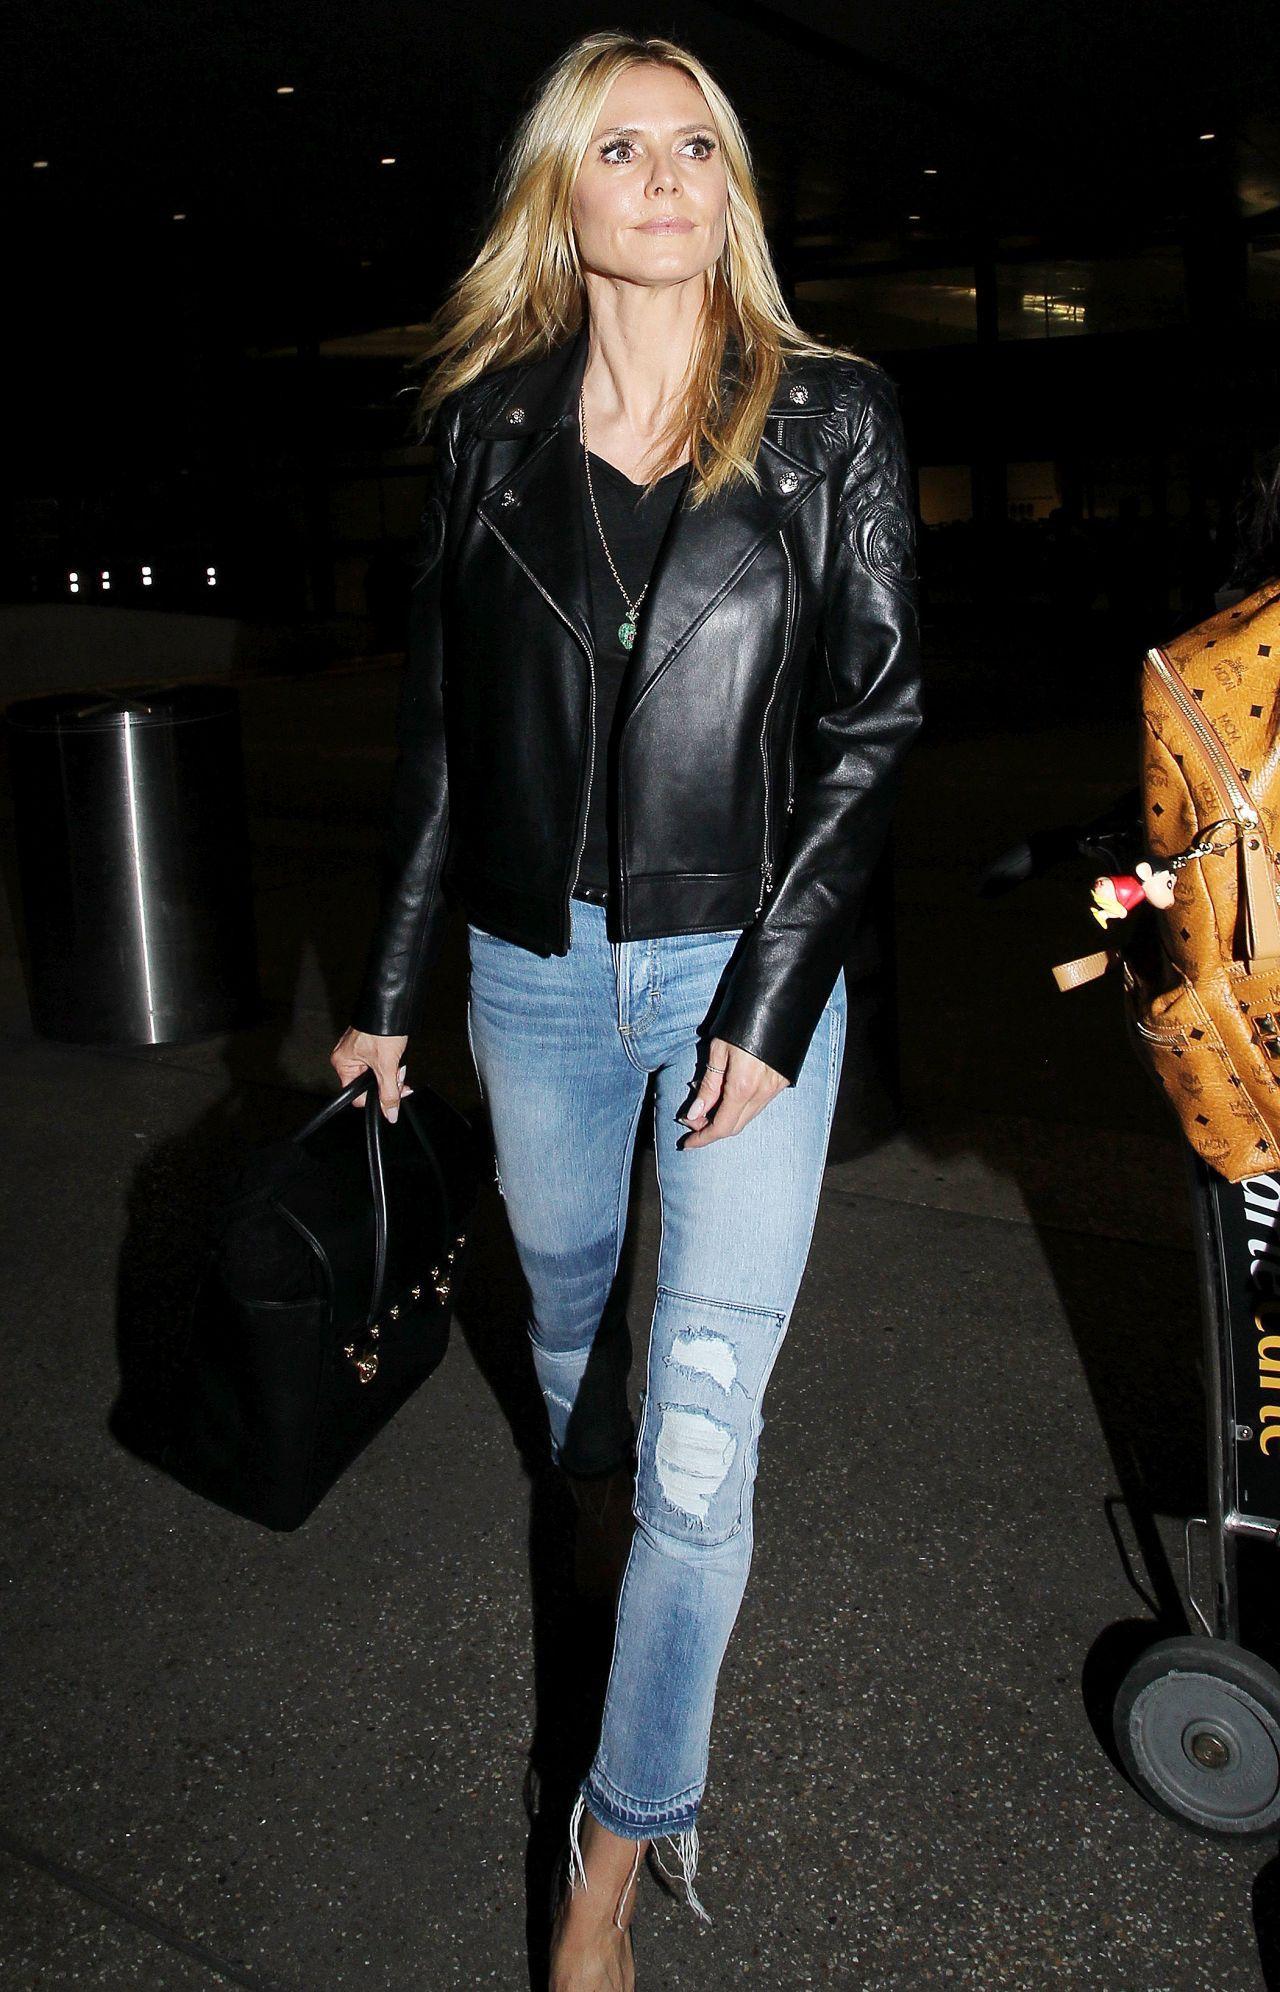 Heidi Klum Los Angeles International Airport 3 17 2016 Heidi Klum Heidi Klum Style Fitness Fashion